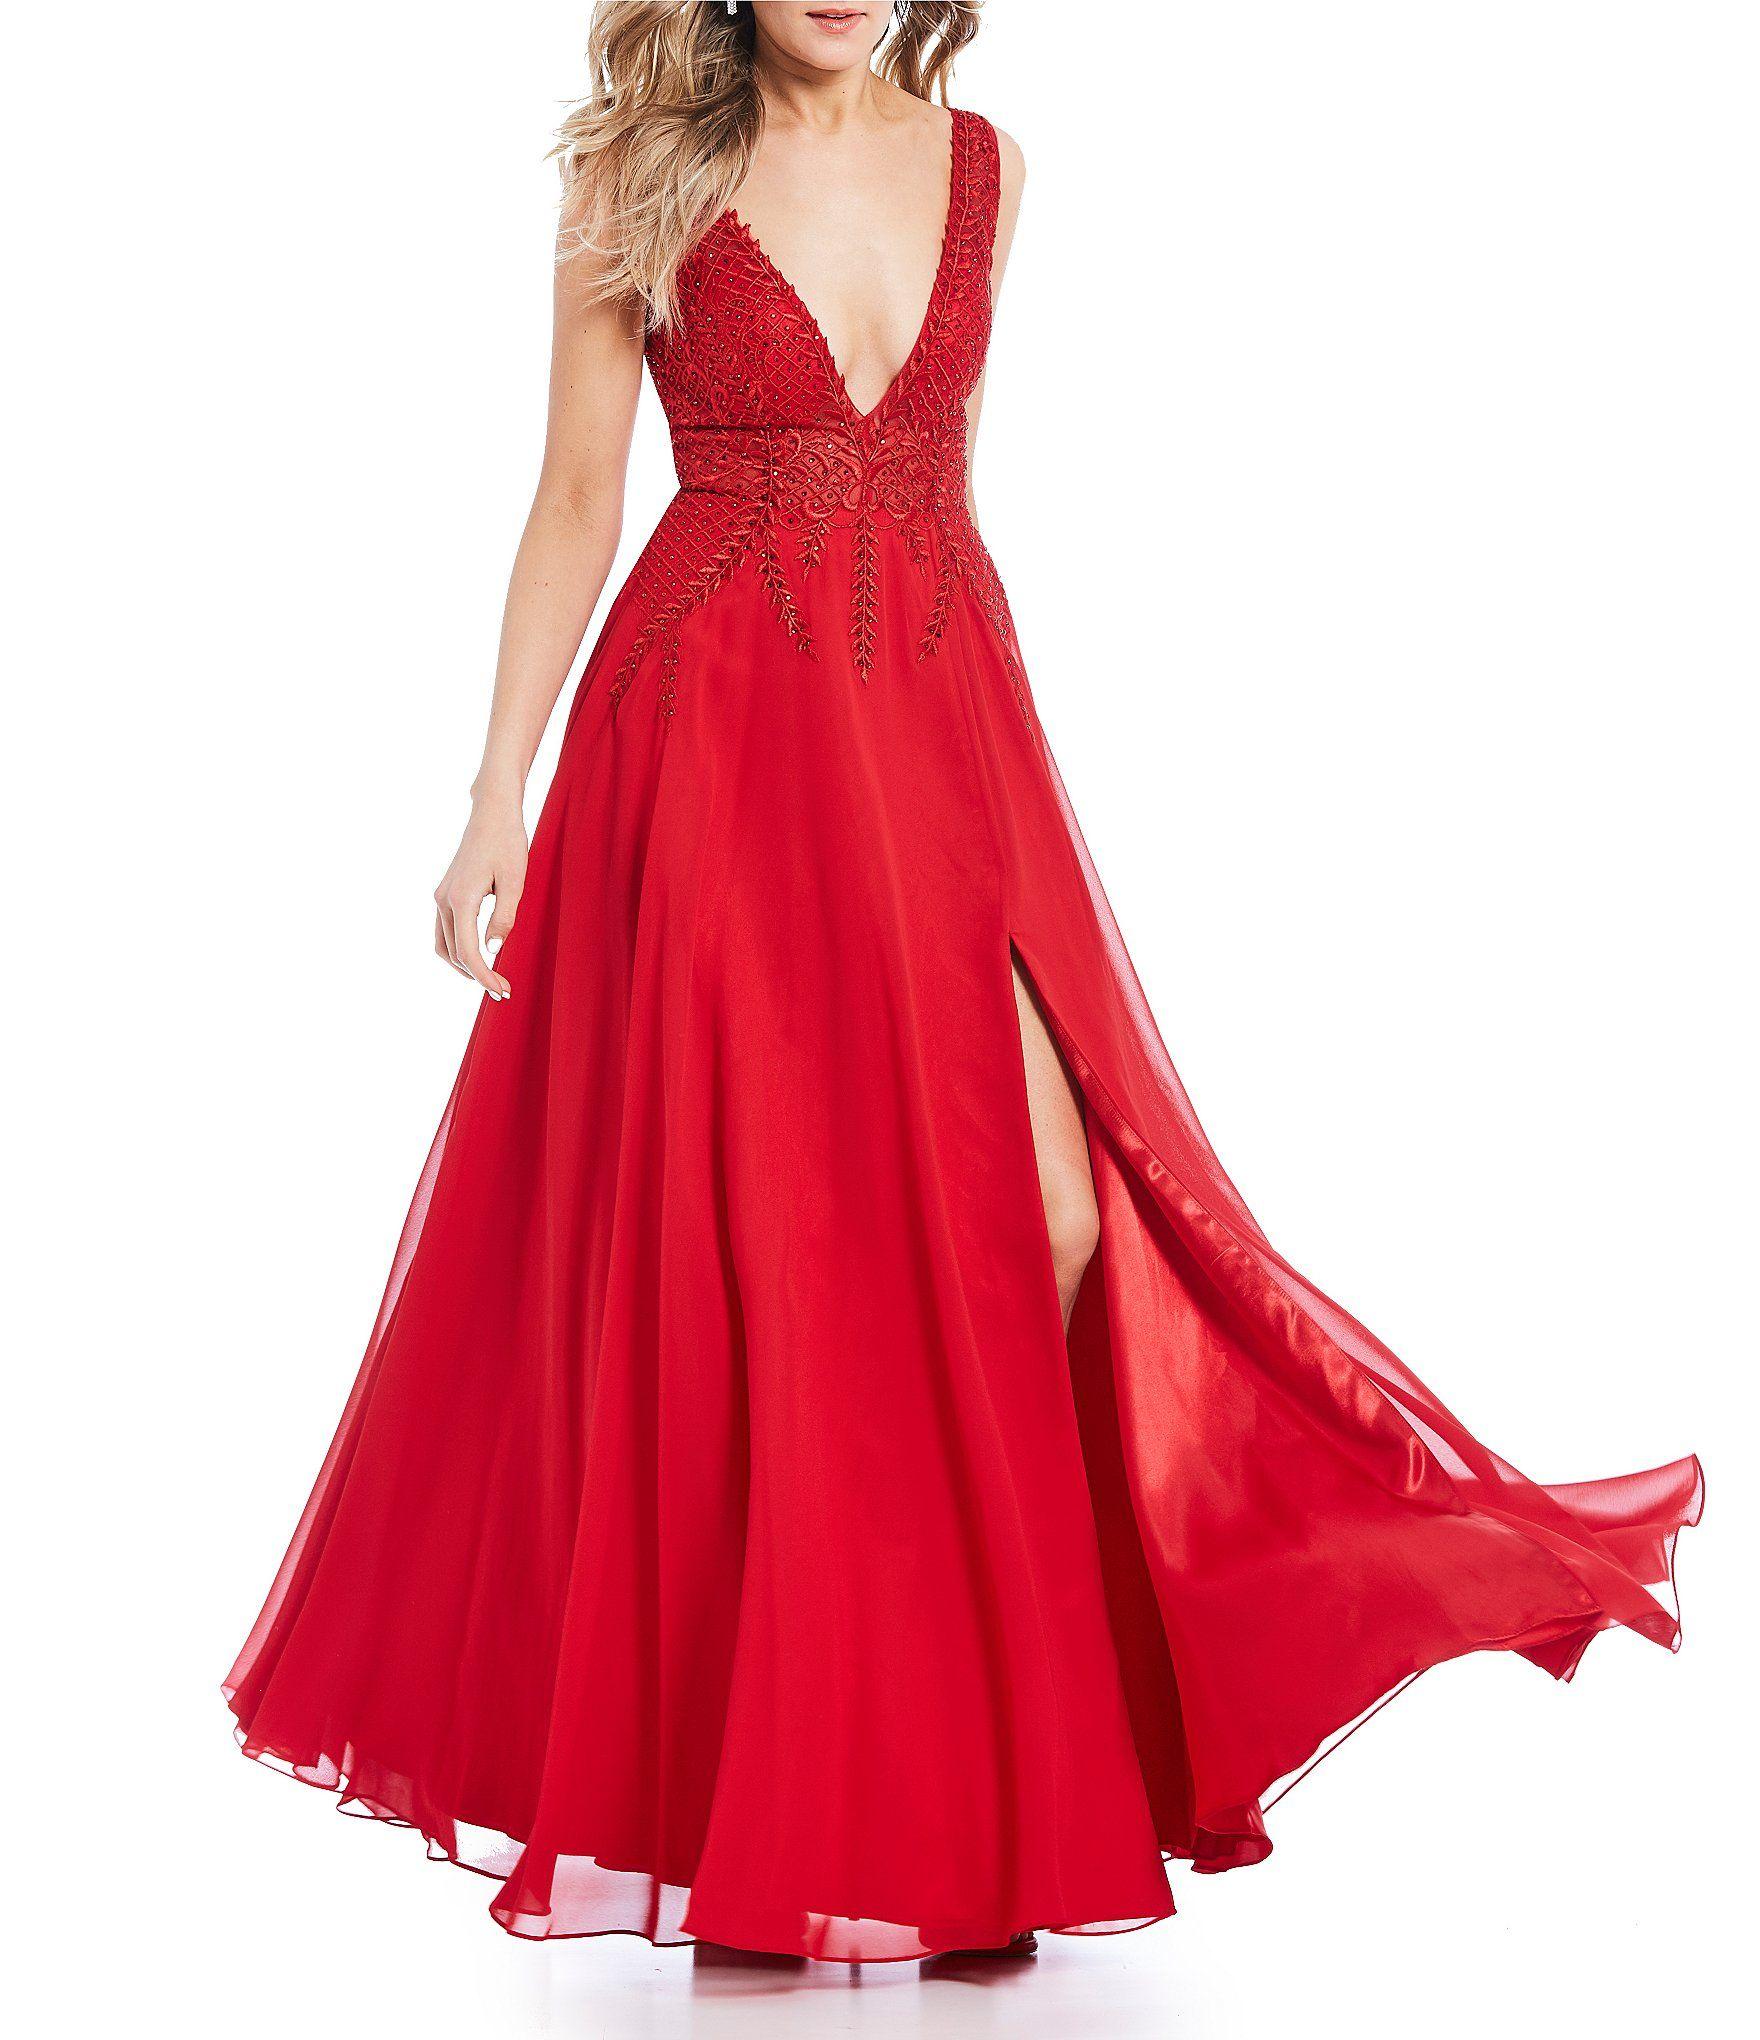 34+ Dillards red prom dress ideas in 2021